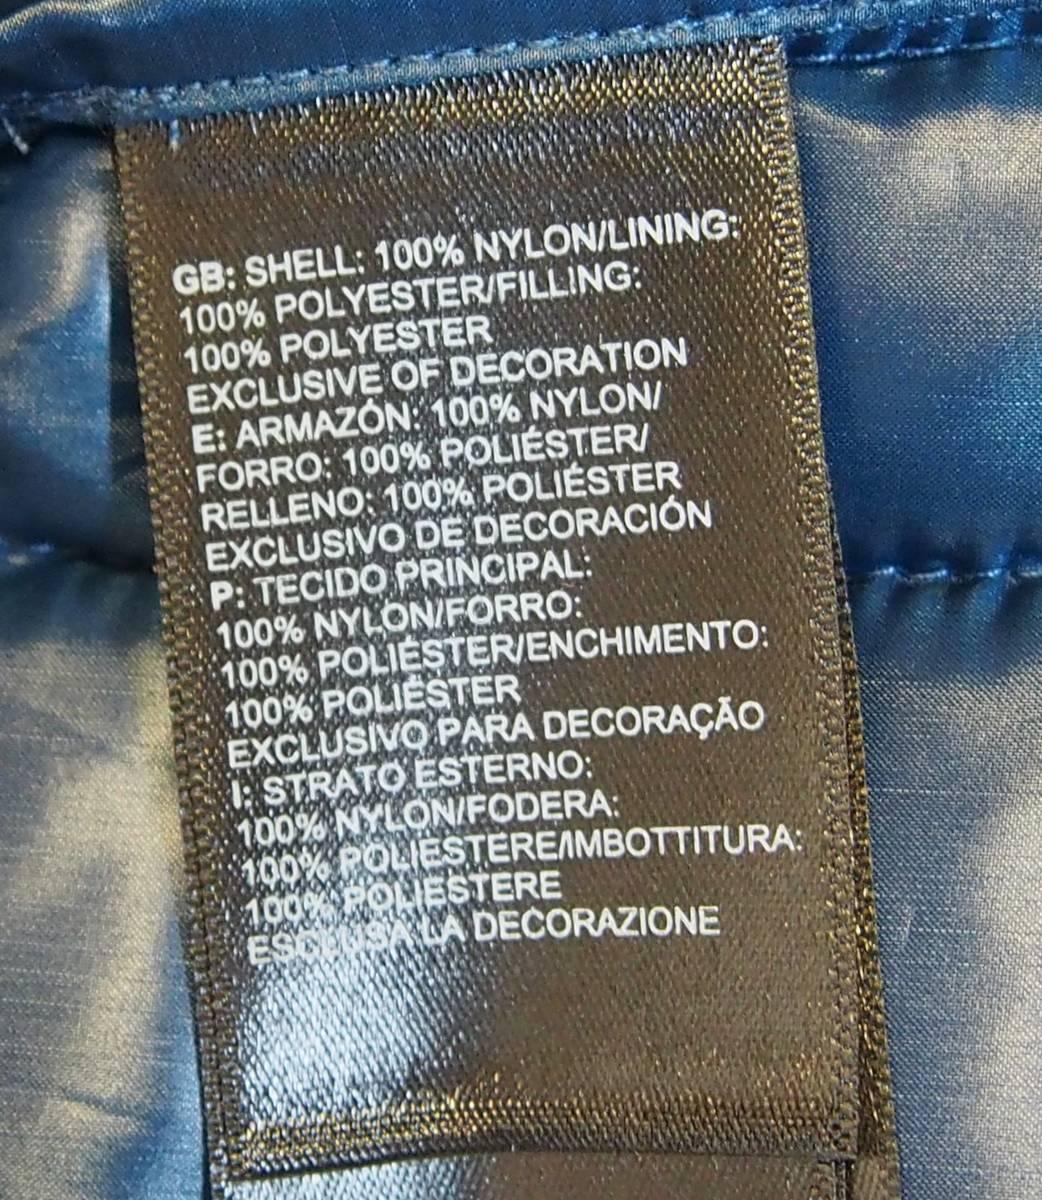 【USA購入、未使用タグ付】ノースフェイス レディース(メンズ可) 中綿ベスト M ブルー×ブラック The North Face Thermoball Eco Vest_画像8